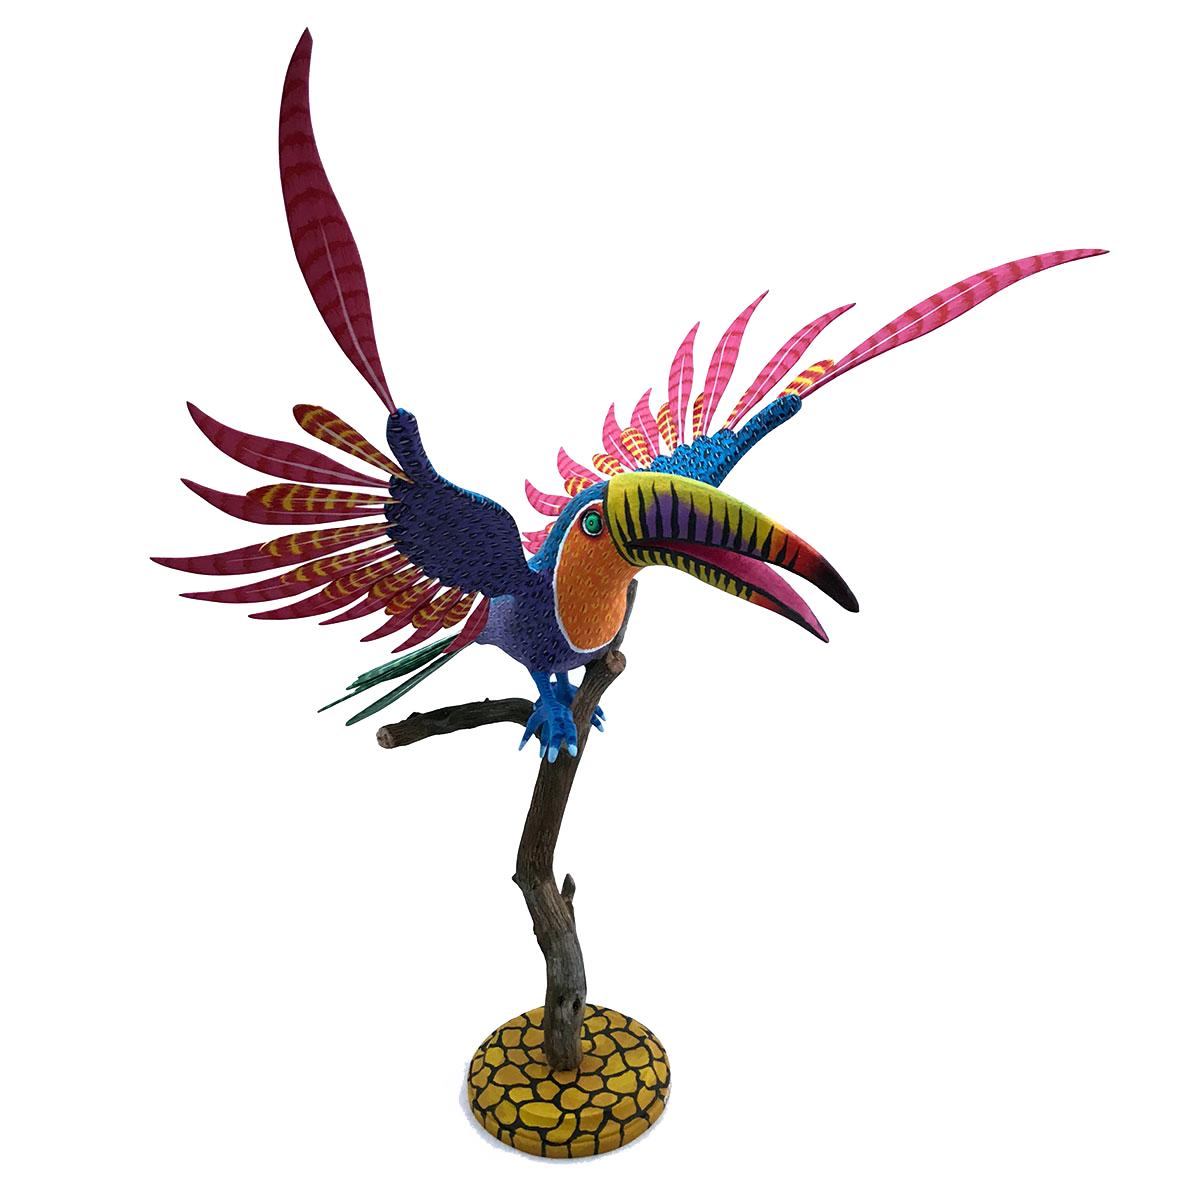 Eleazar Morales Eleazar Morales: Large Toucan on Branch Birds